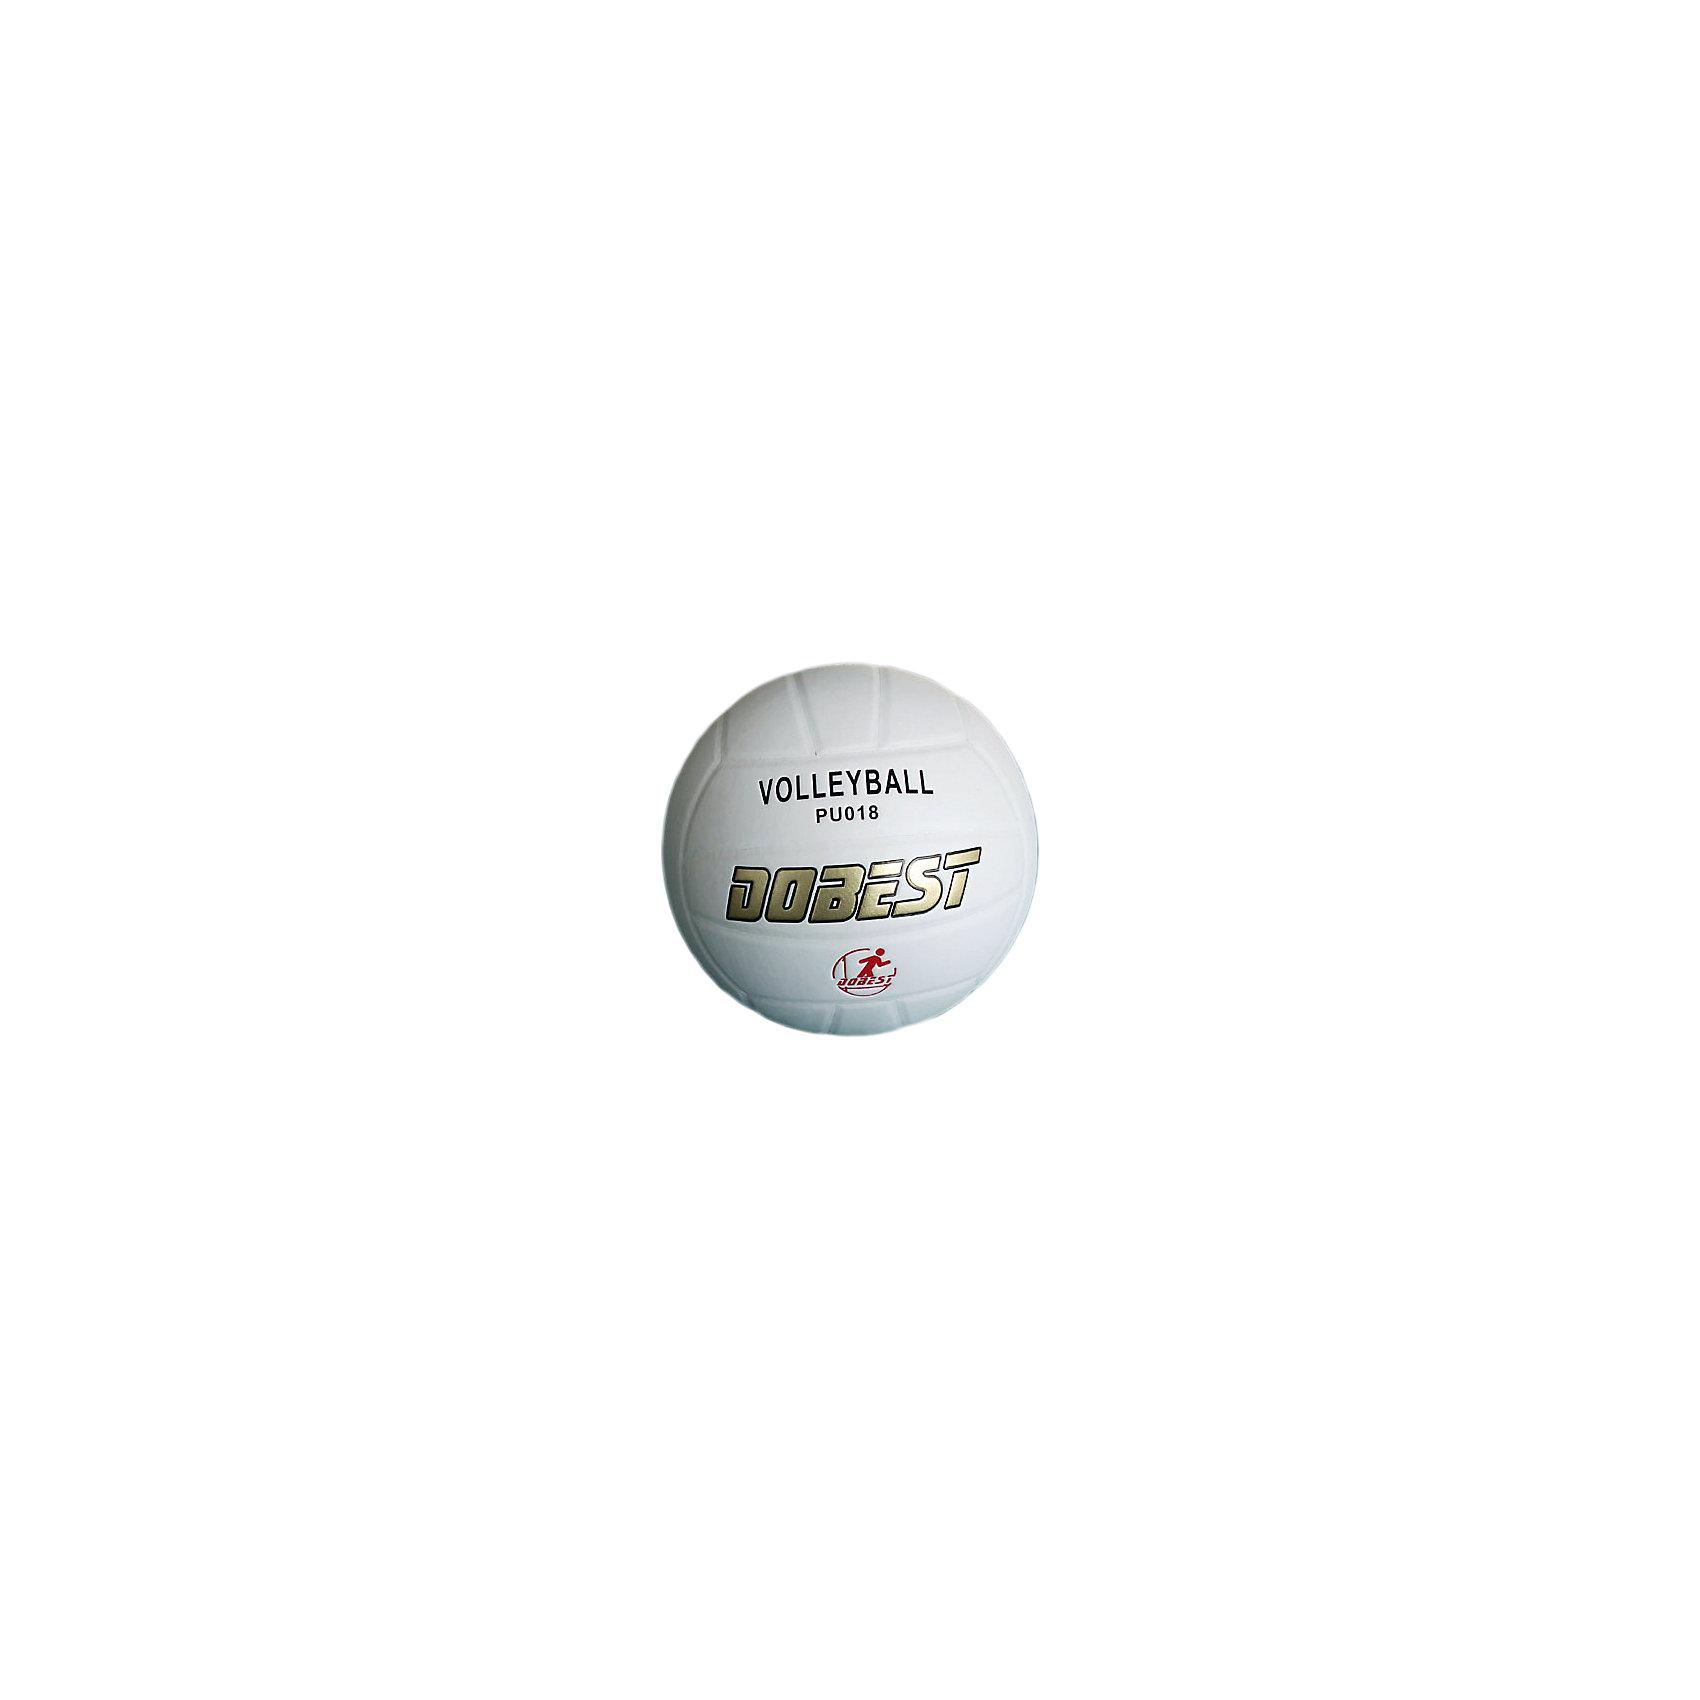 Волейбольный мяч  PU018 клеенный , DobestОсновные характеристики<br><br>Вид: волейбольный<br>Уровень игры: любительский<br>Размер: 5<br>Количество панелей: 18<br>Количество слоев: 4<br>Вес: 260-280гр<br>Тип соединения панелей: клееный<br>Материал камеры: резина<br>Материал: синтетическая кожа<br>Цвет: белый<br>Подходит для игры на улице и в зале<br>Страна-производитель: Китай <br>Упаковка: пакет (поставляется в сдутом виде)<br><br>Ширина мм: 210<br>Глубина мм: 210<br>Высота мм: 75<br>Вес г: 280<br>Возраст от месяцев: 36<br>Возраст до месяцев: 192<br>Пол: Унисекс<br>Возраст: Детский<br>SKU: 5056639